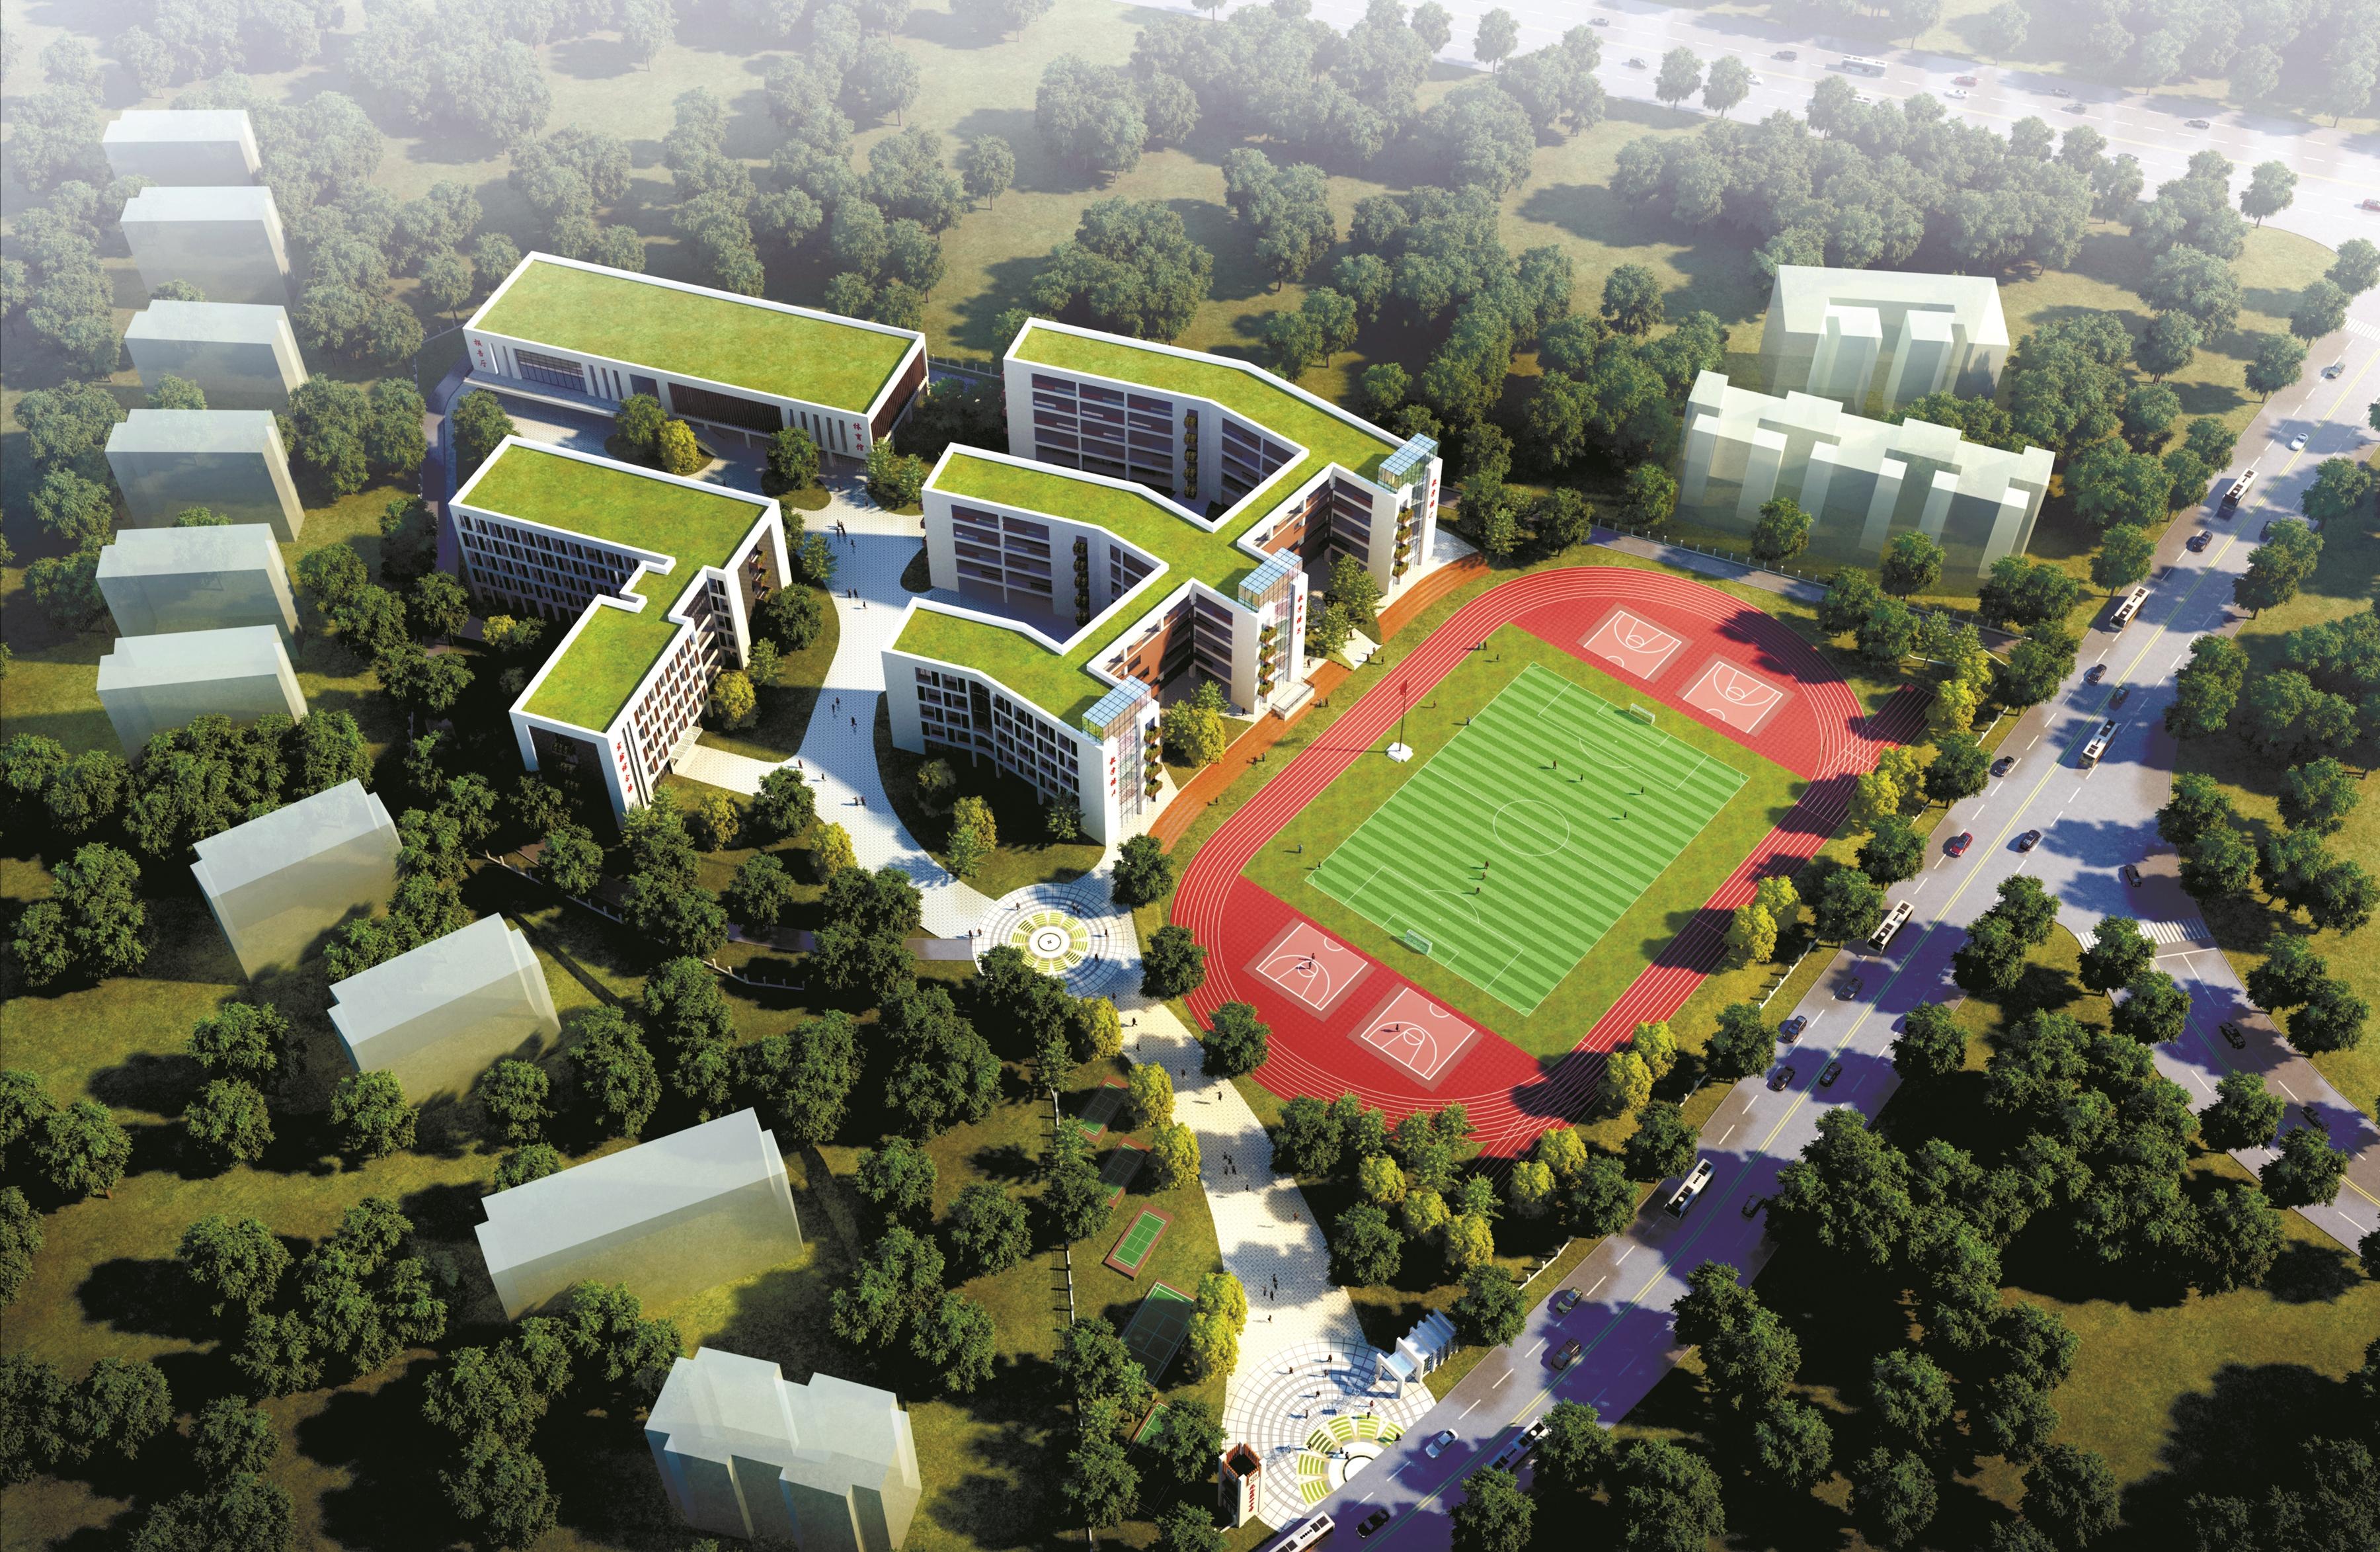 光谷新增一所优质初中 设计48个班提供2400个学位